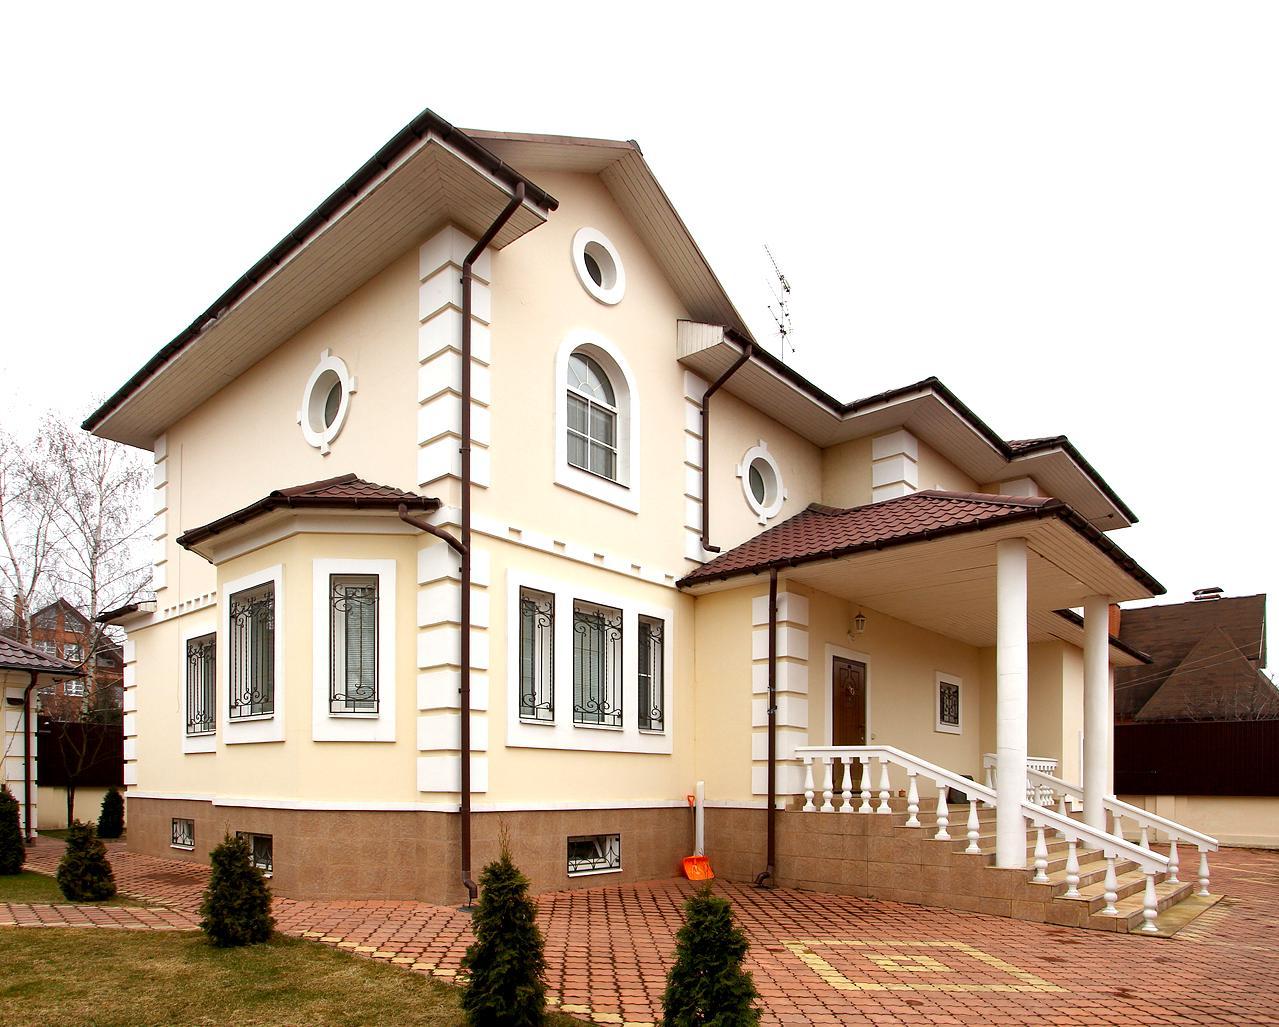 Дома престарелых в московской области чем можно занять пожилого человека дома